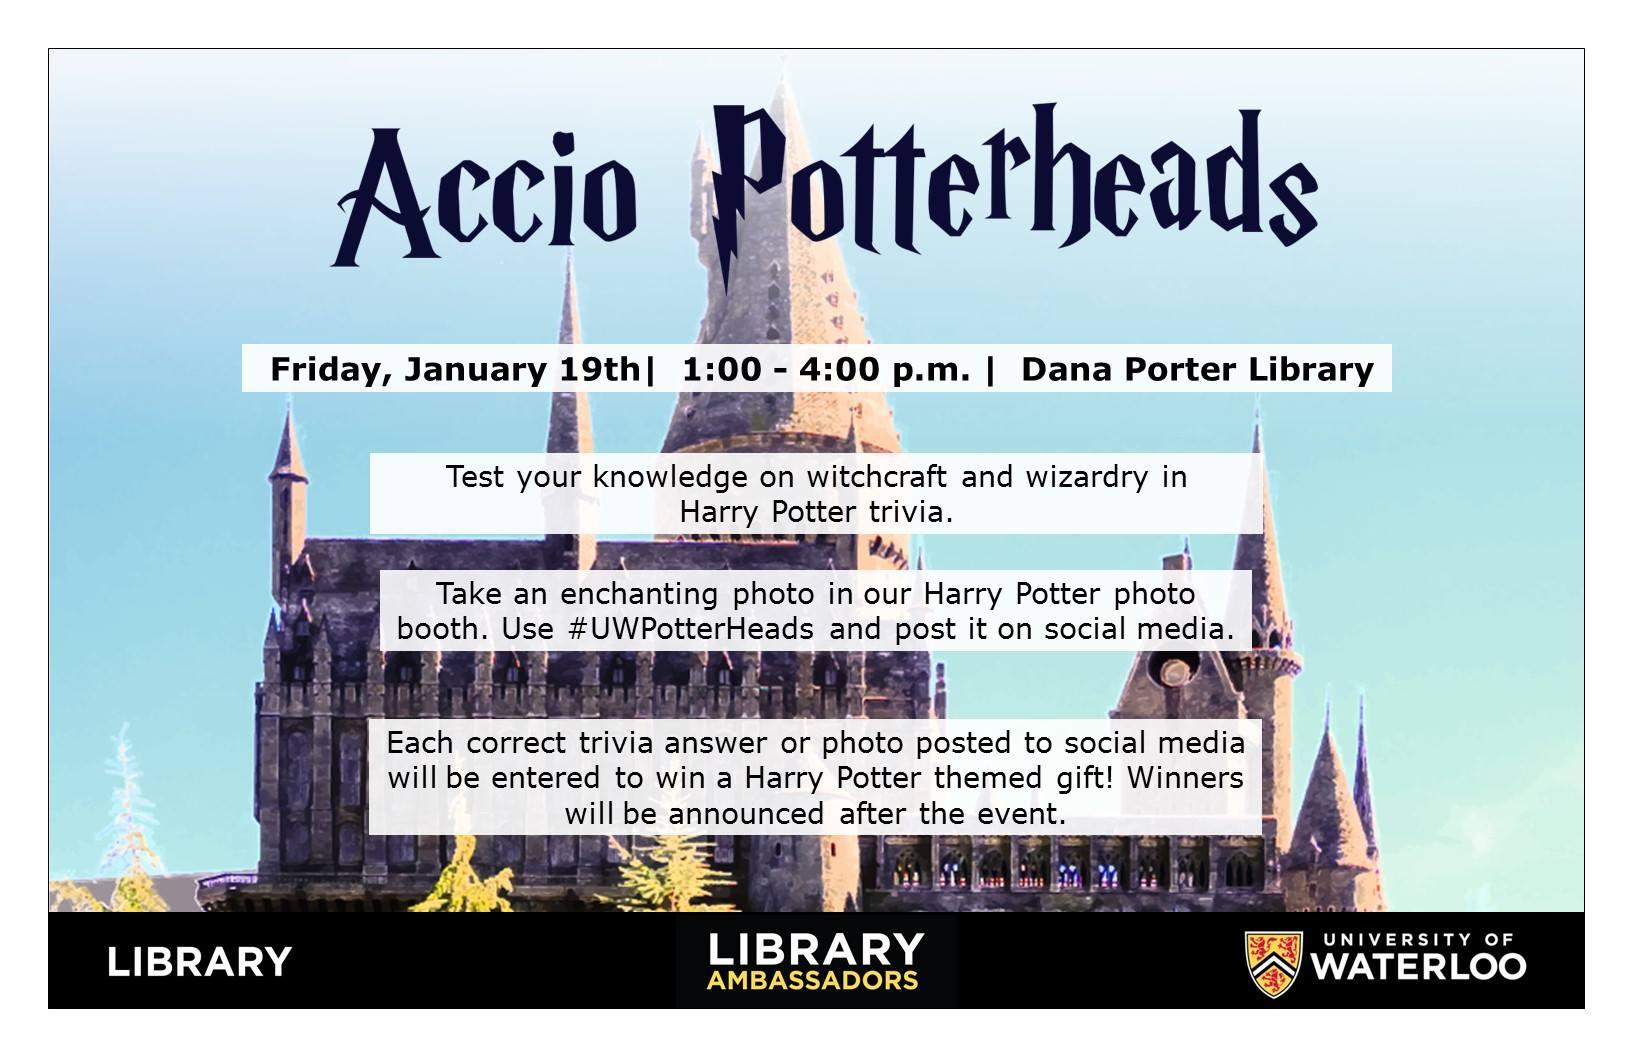 Accio Potterheads poster